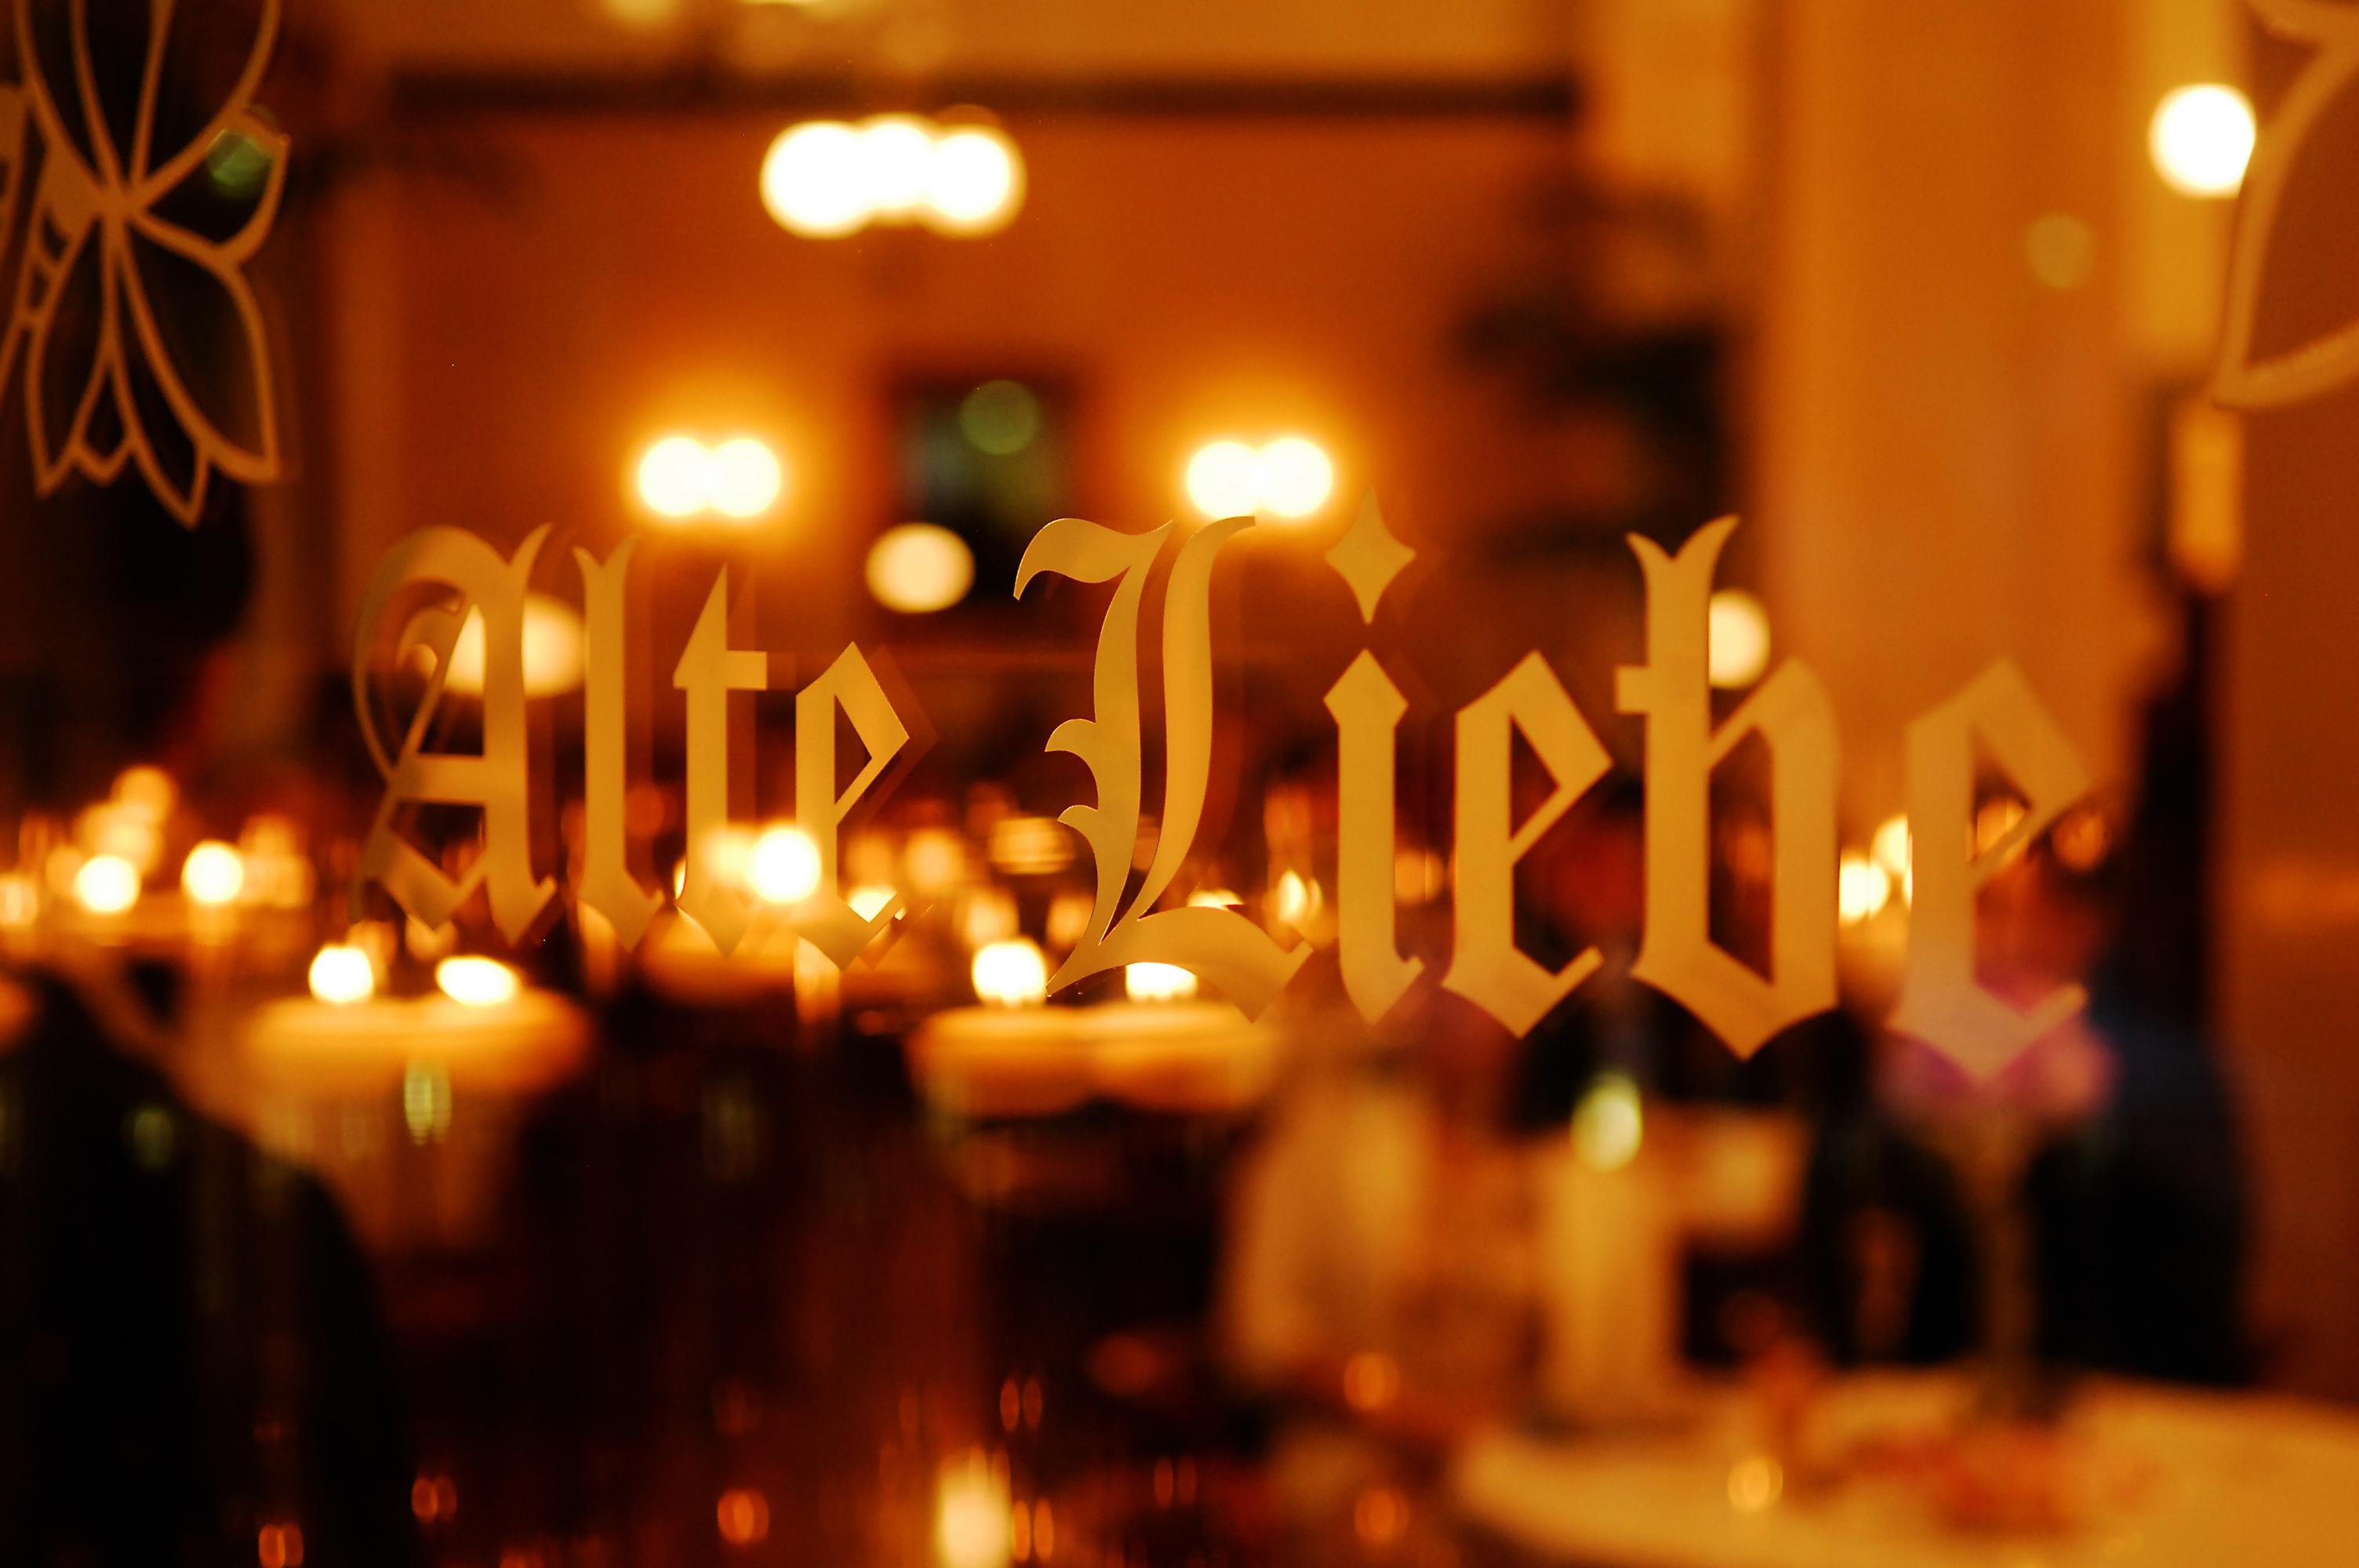 ミシュランガイドにも掲載された老舗レストランで、本場の生演奏を聴きながら働けます♪<土日祝は急募!>